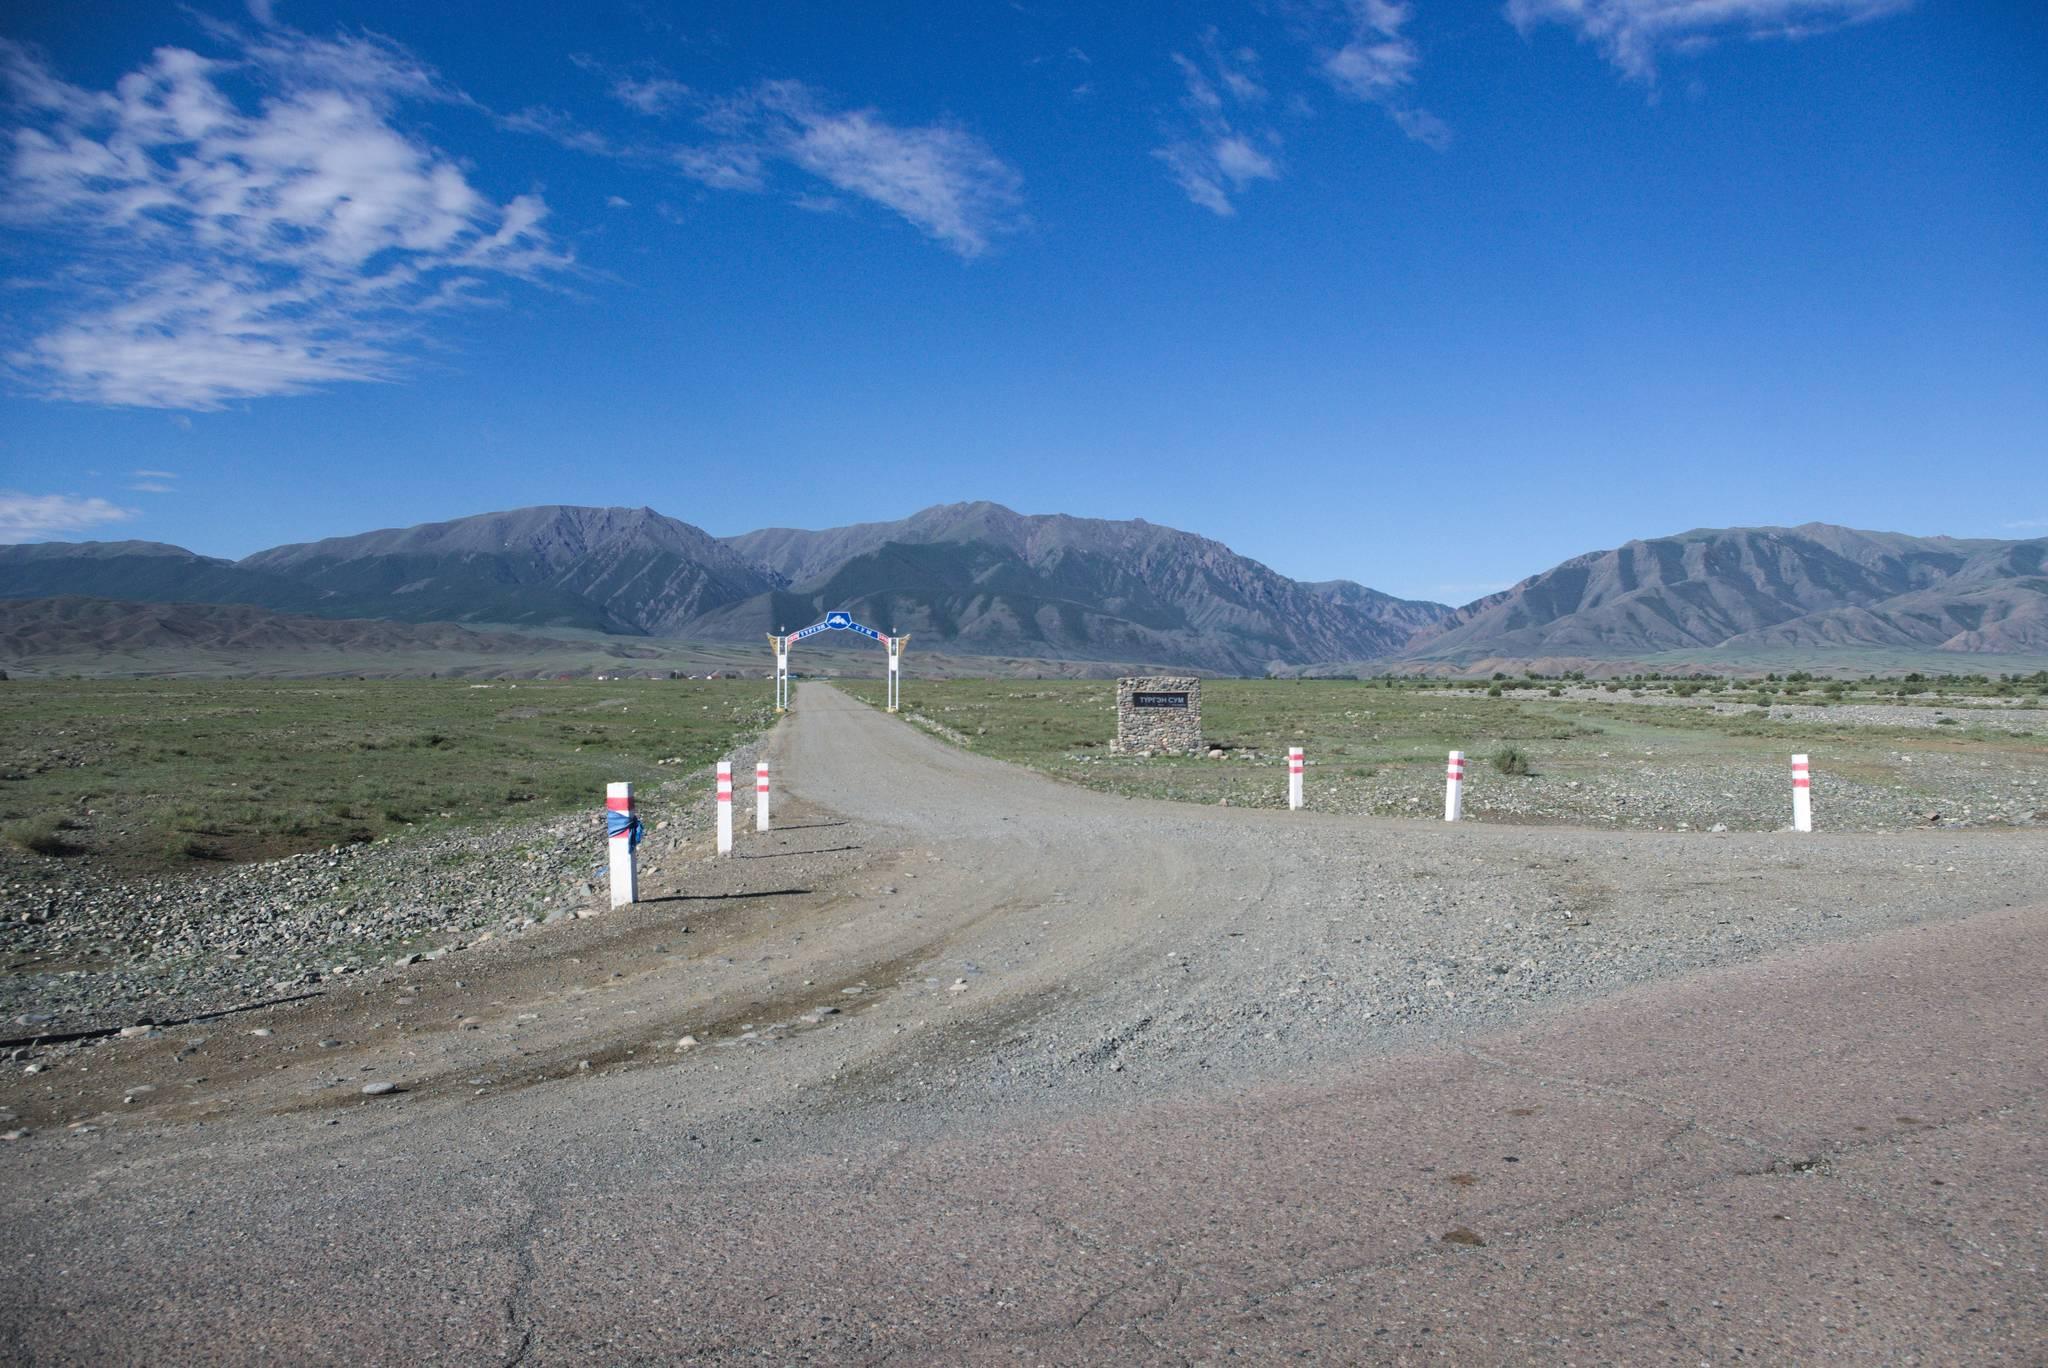 Droga do wioski pod górami